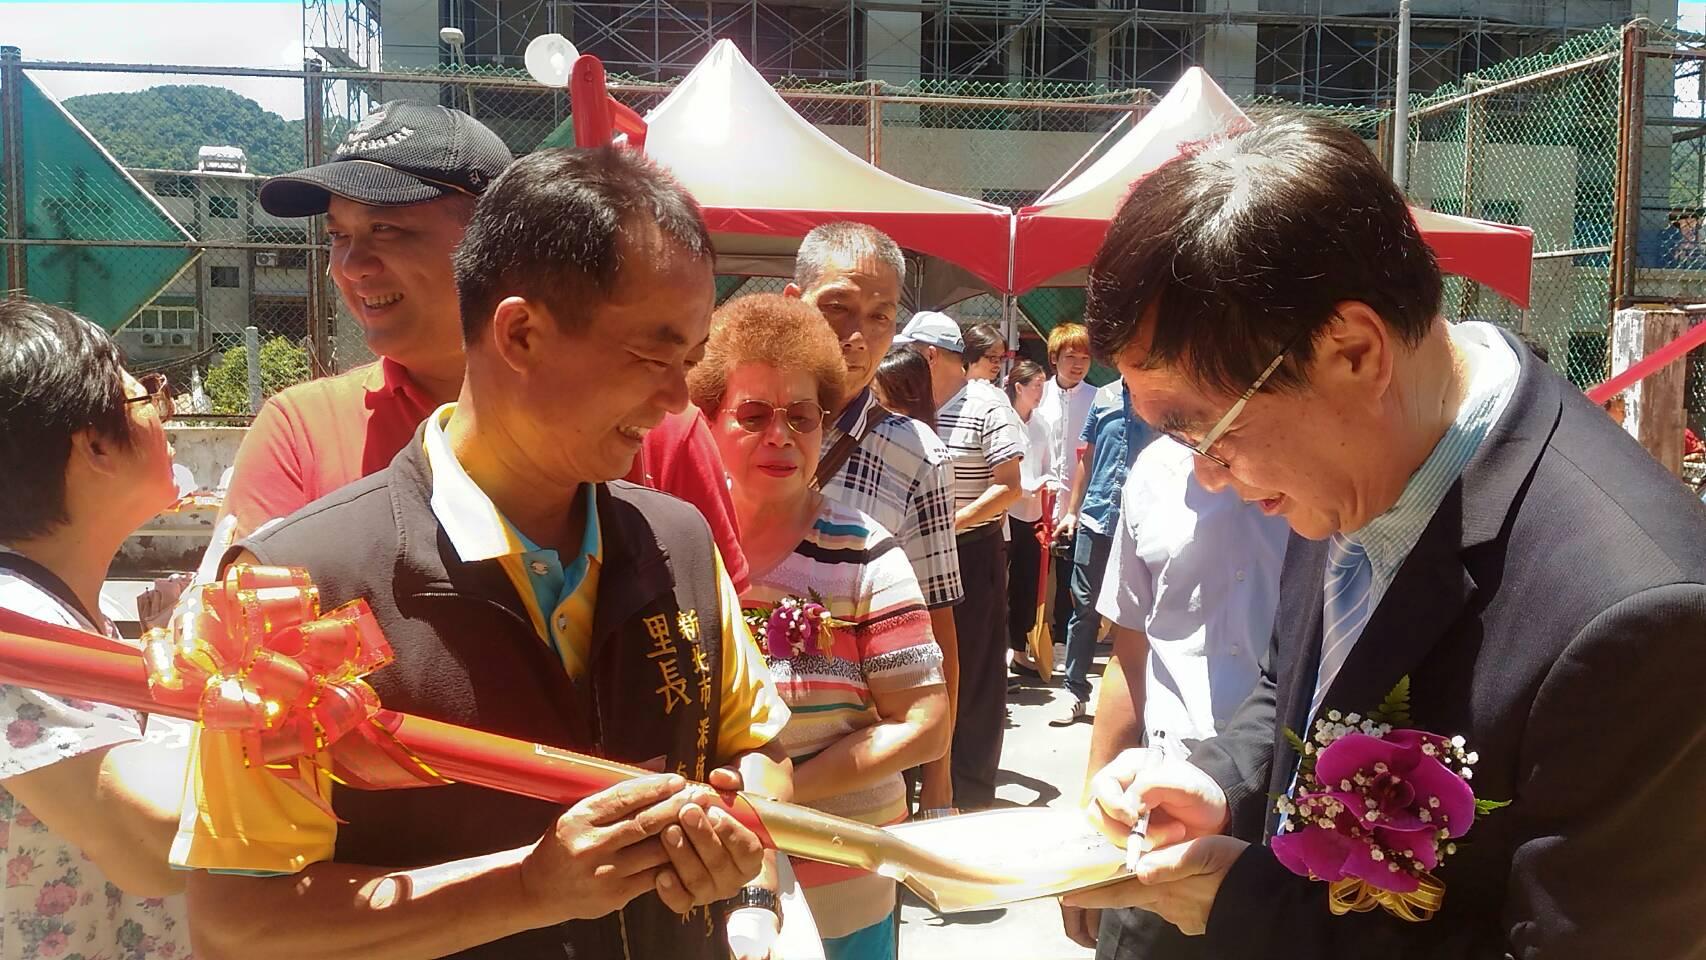 民眾排隊等李副市長(簽名者)在金鏟子上簽名-